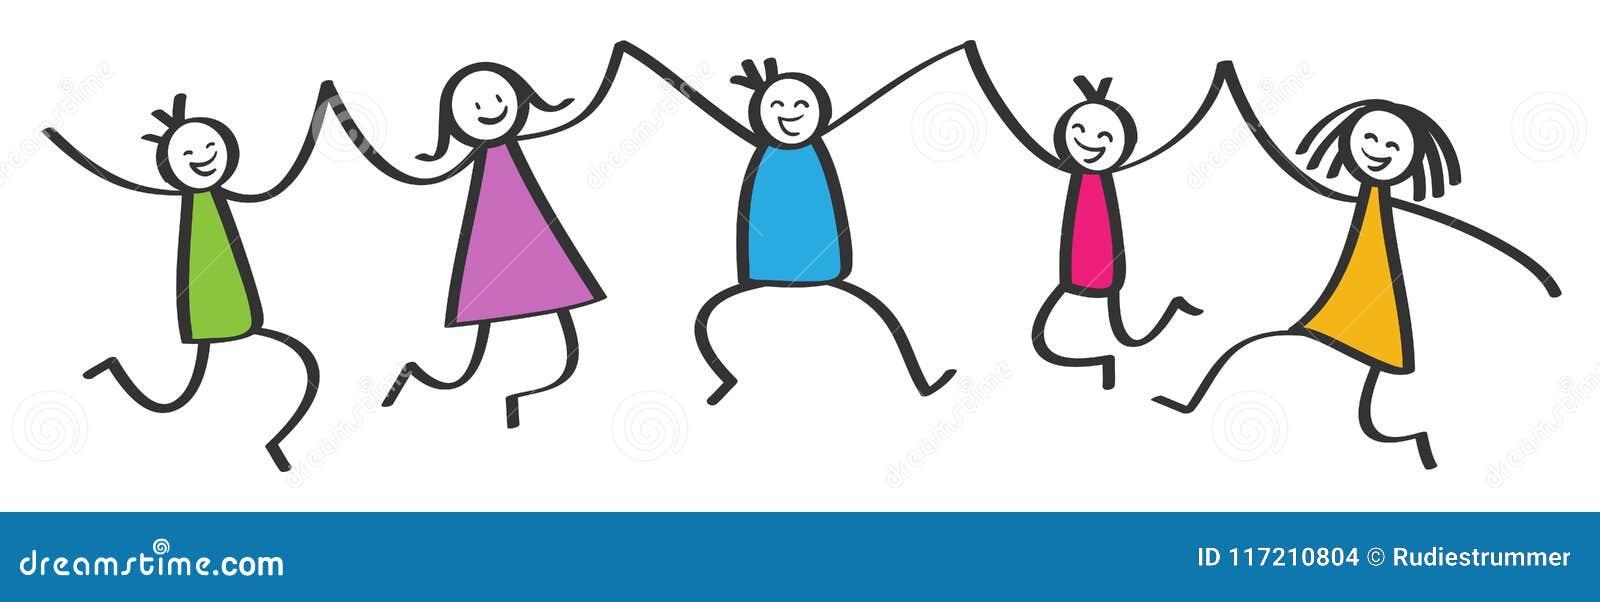 Figuras simples da vara, cinco crianças coloridas felizes saltando, guardando as mãos, o sorriso e o riso